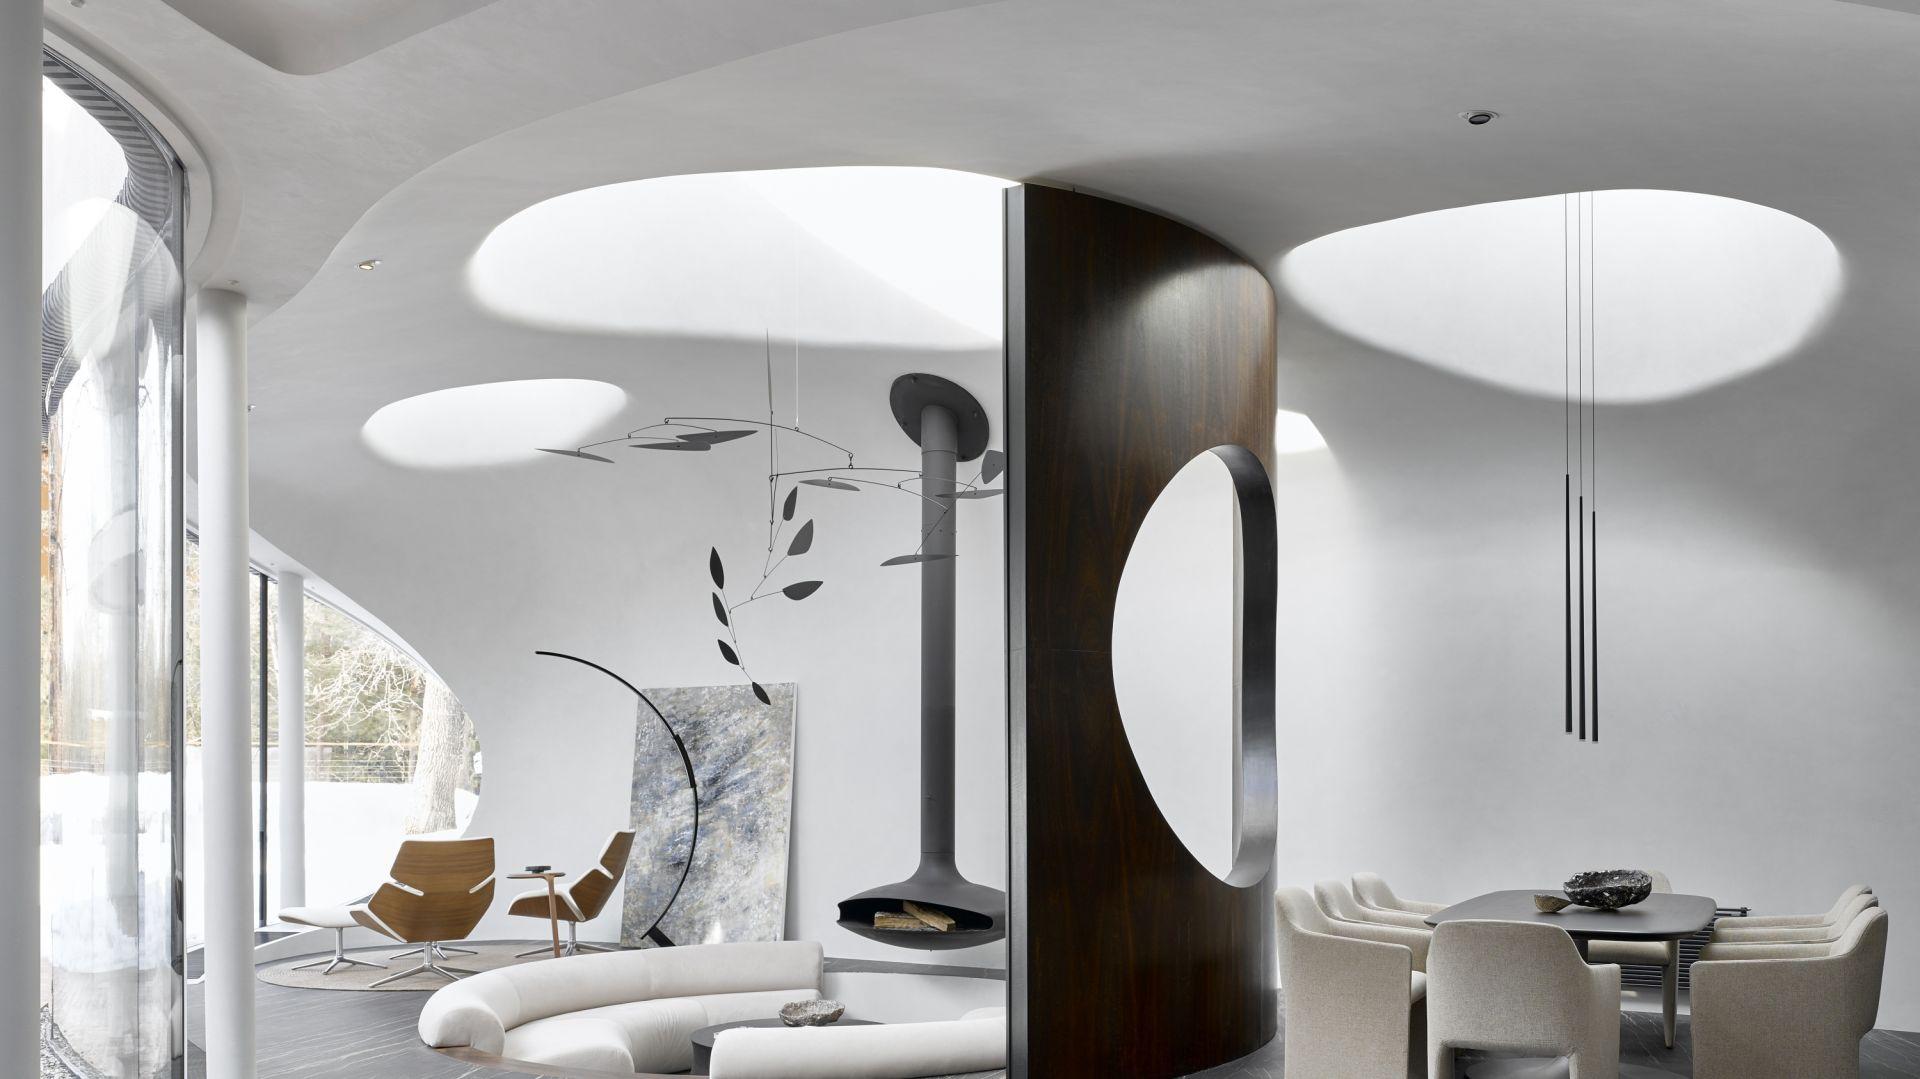 Kompozycja architektoniczna rozwija się od zewnątrz do wewnątrz, gdzie ogromne okna podkreślają nierozerwalny związek projektu z naturą.